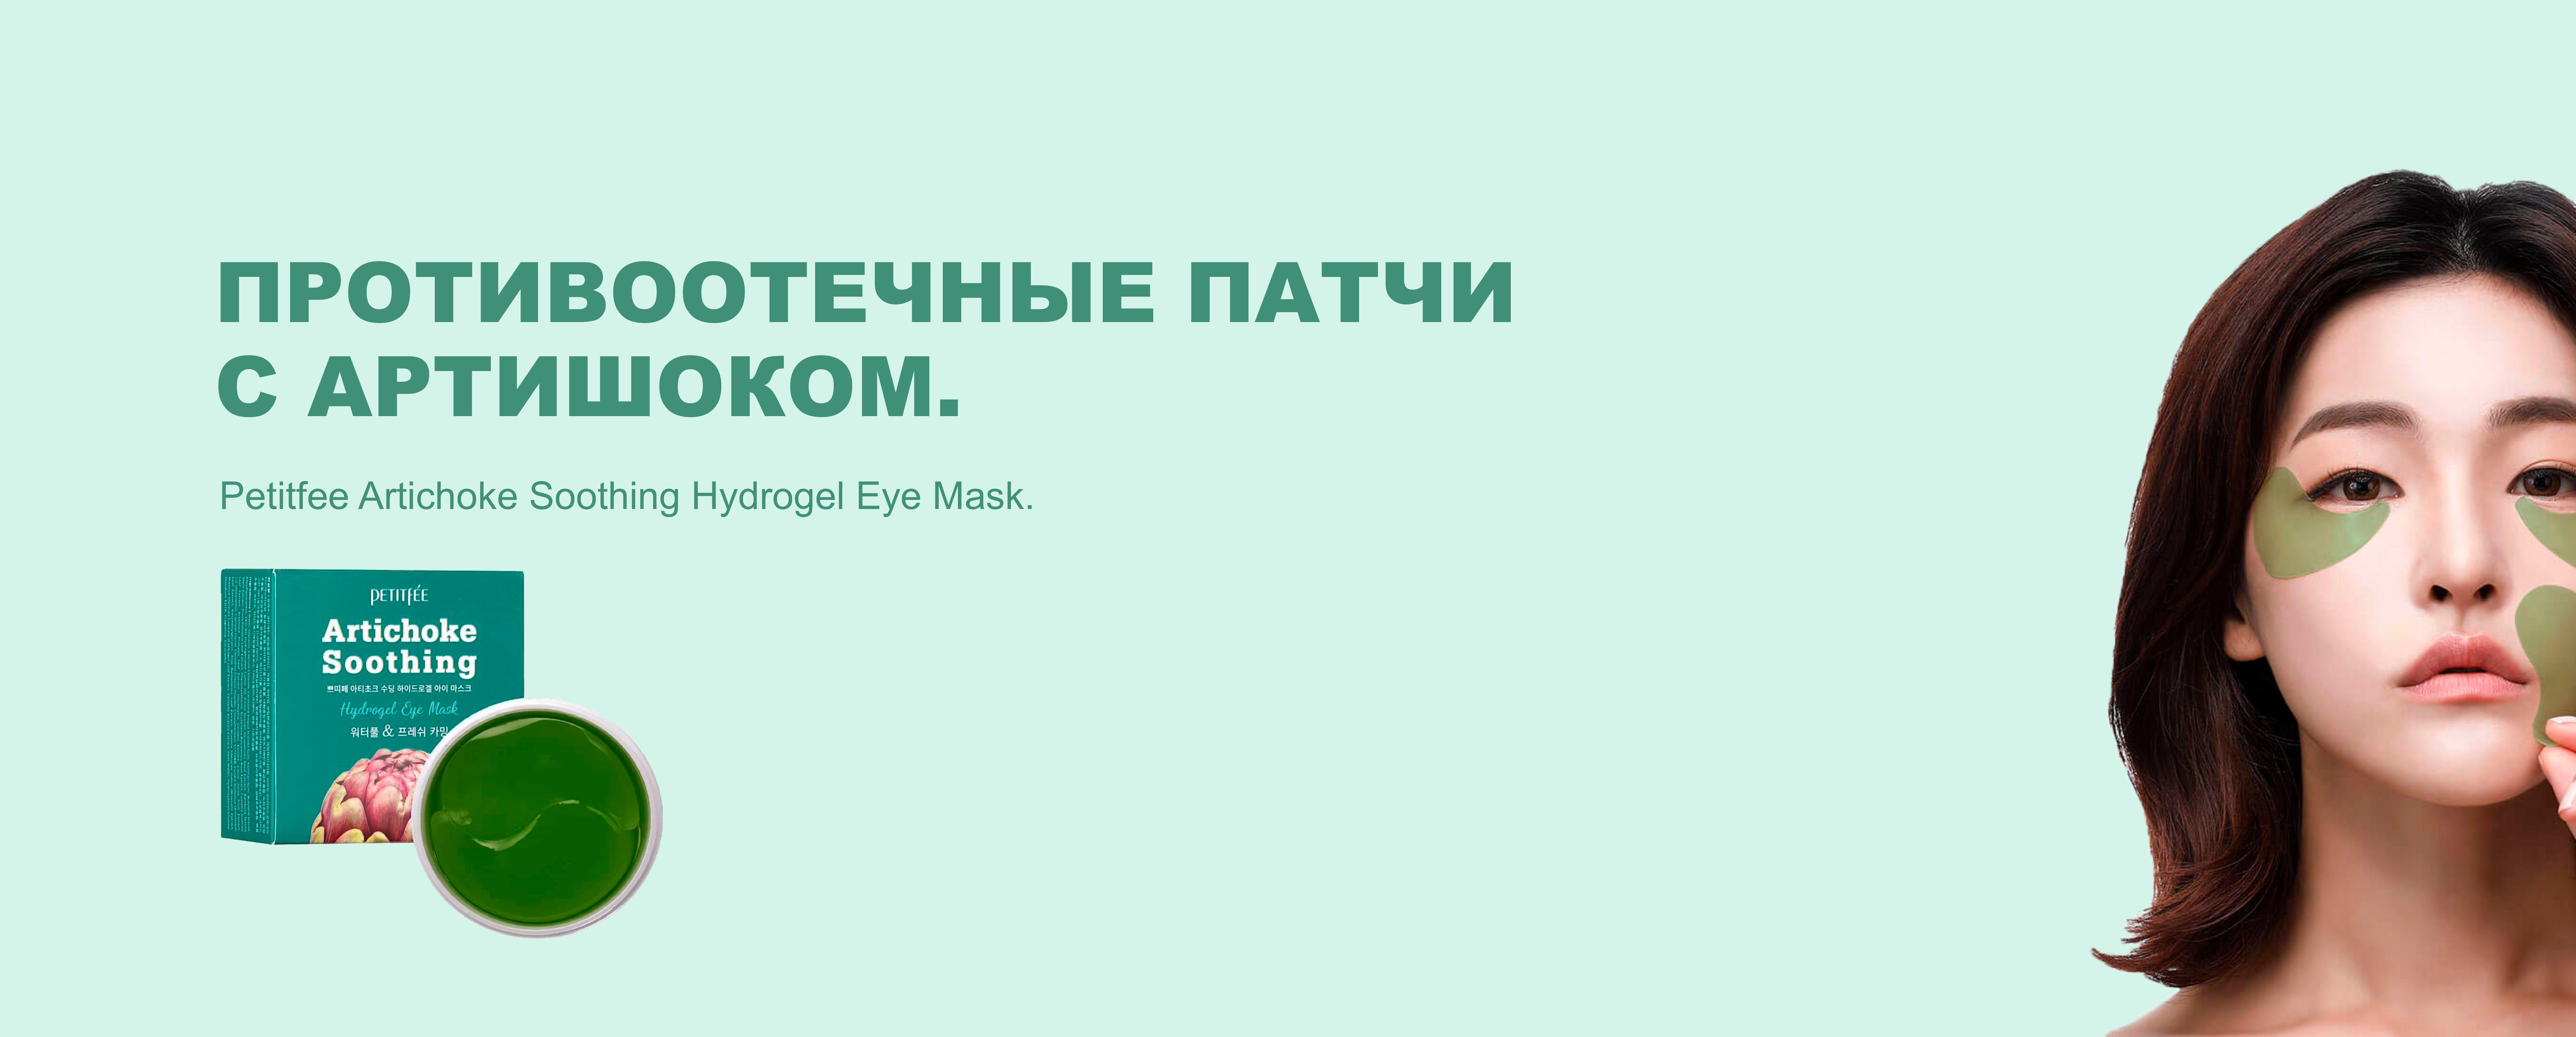 (c) Modelon.ru